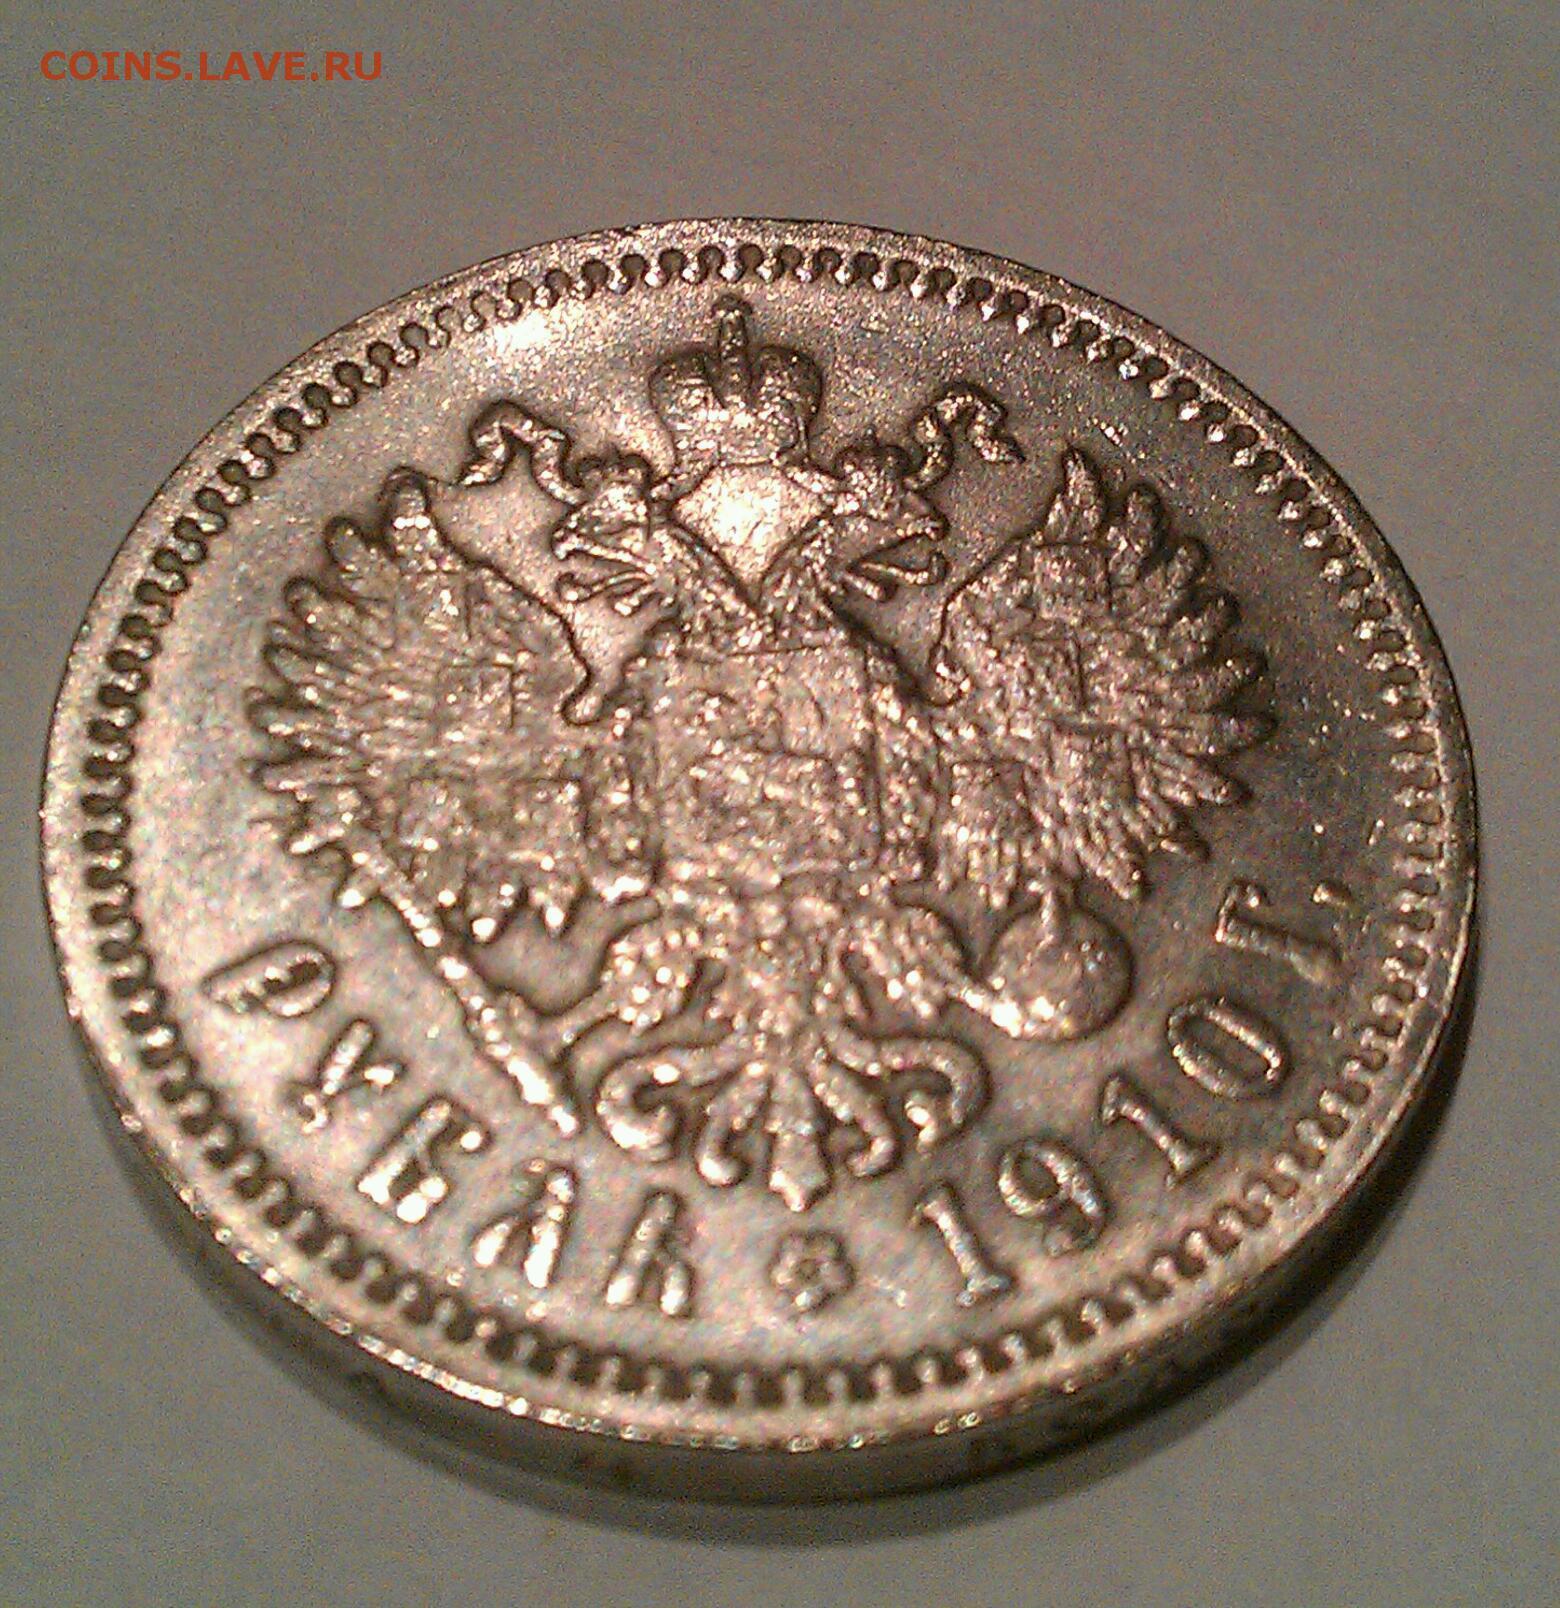 Рубль 1910 года подделка юбилейные монеты 5 рублей каталог